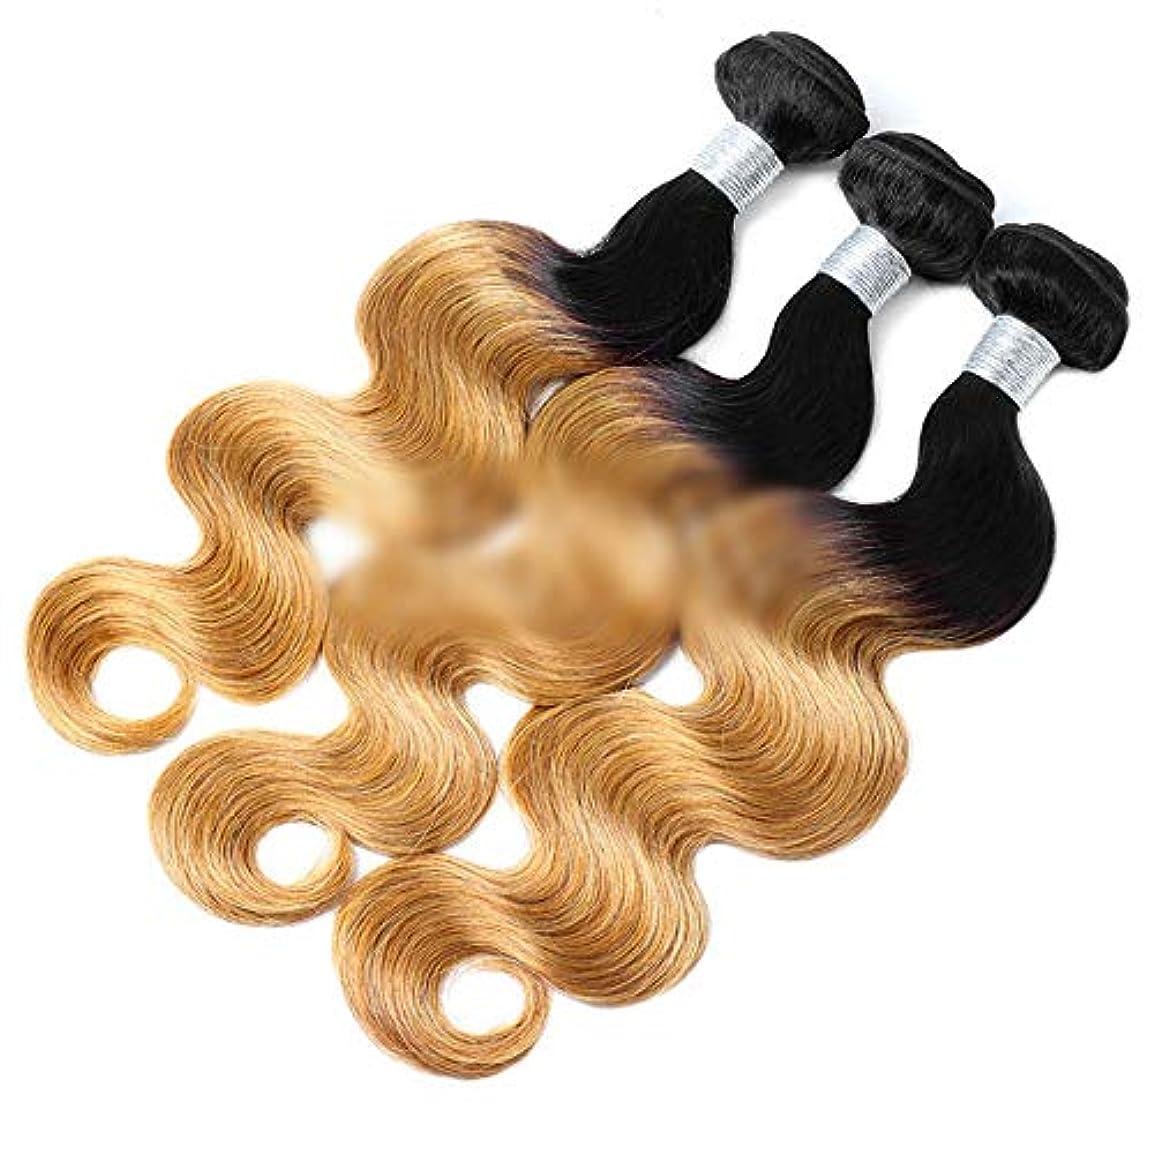 性差別彼の計算WASAIO ブラジルオンブル人毛ウェーブストレートバンドルボディバンドル不機嫌ルーツをクリップグラデーションブロンドの拡張機能(12インチ?24インチ) (色 : Blonde, サイズ : 22 inch)